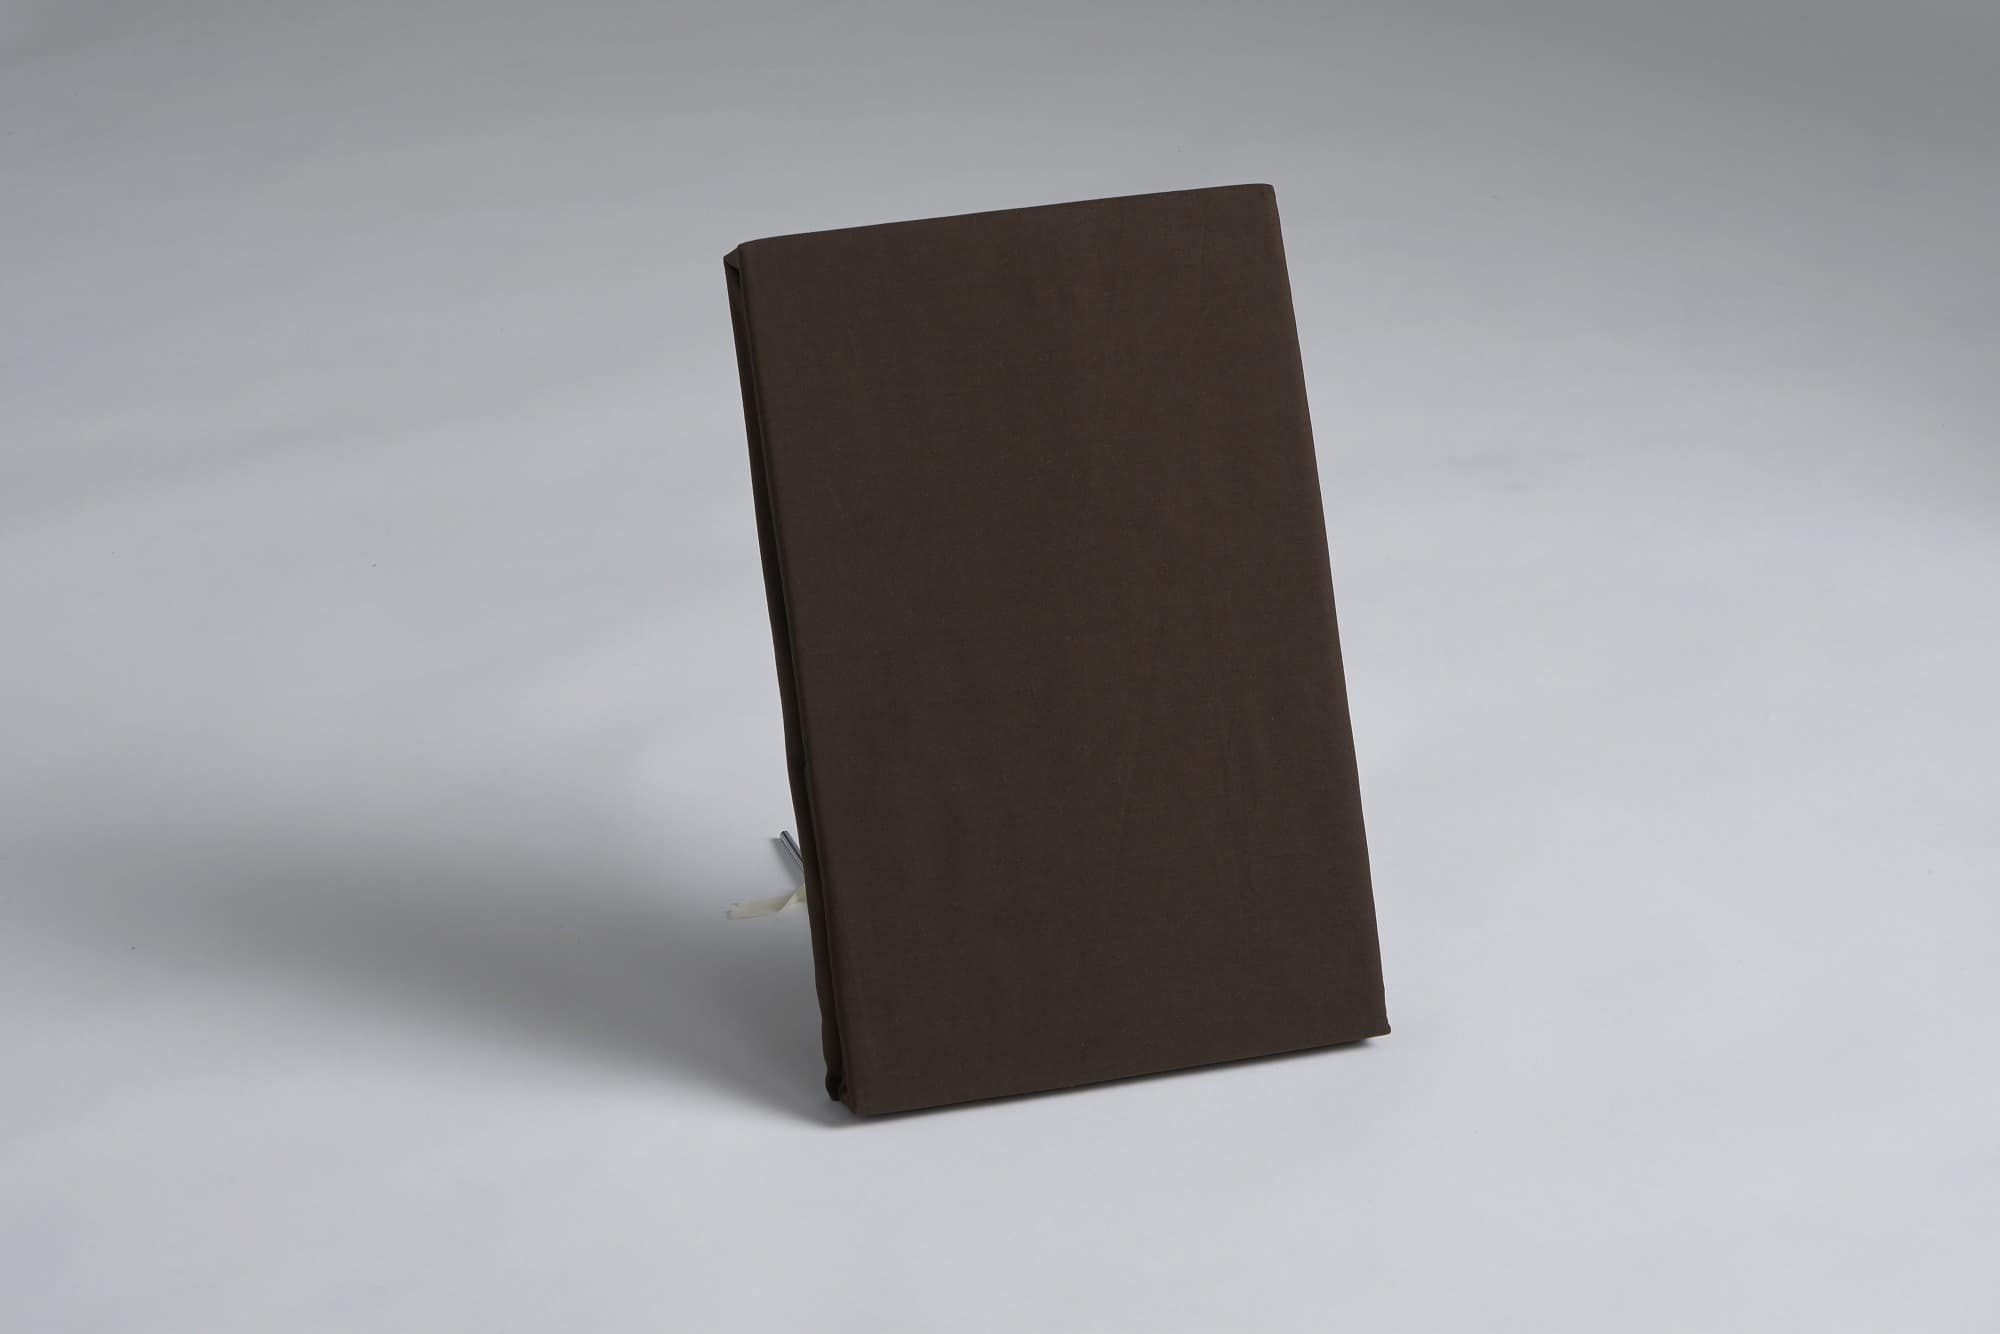 ボックスシーツ クイーン1用 45H ブラウン:《綿100%を使用したボックスシーツ》